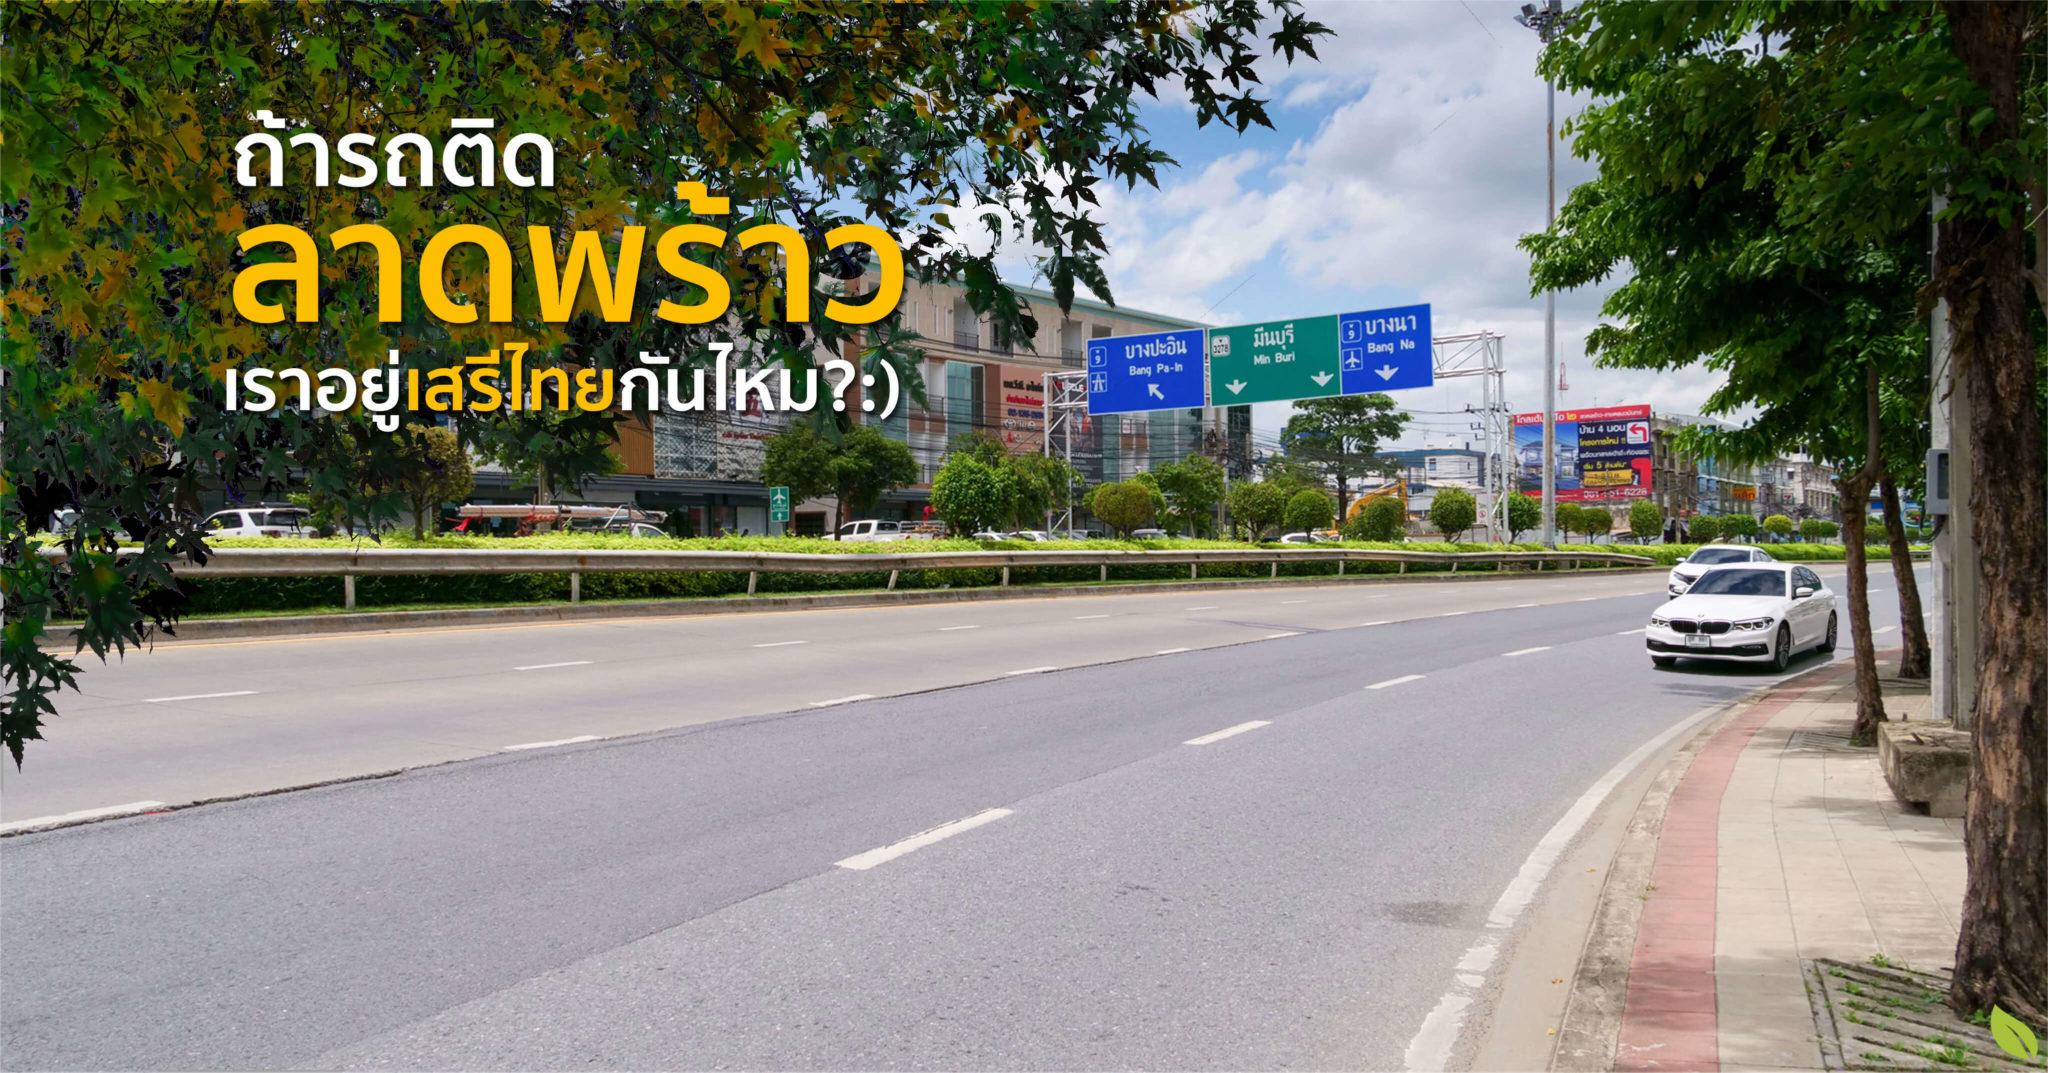 """""""ลาดพร้าว"""" มองหาบ้านสังคมดี ในงบสบาย ลองรู้จักทำเล """"เสรีไทย 38"""" กันก่อน 13 - AP (Thailand) - เอพี (ไทยแลนด์)"""